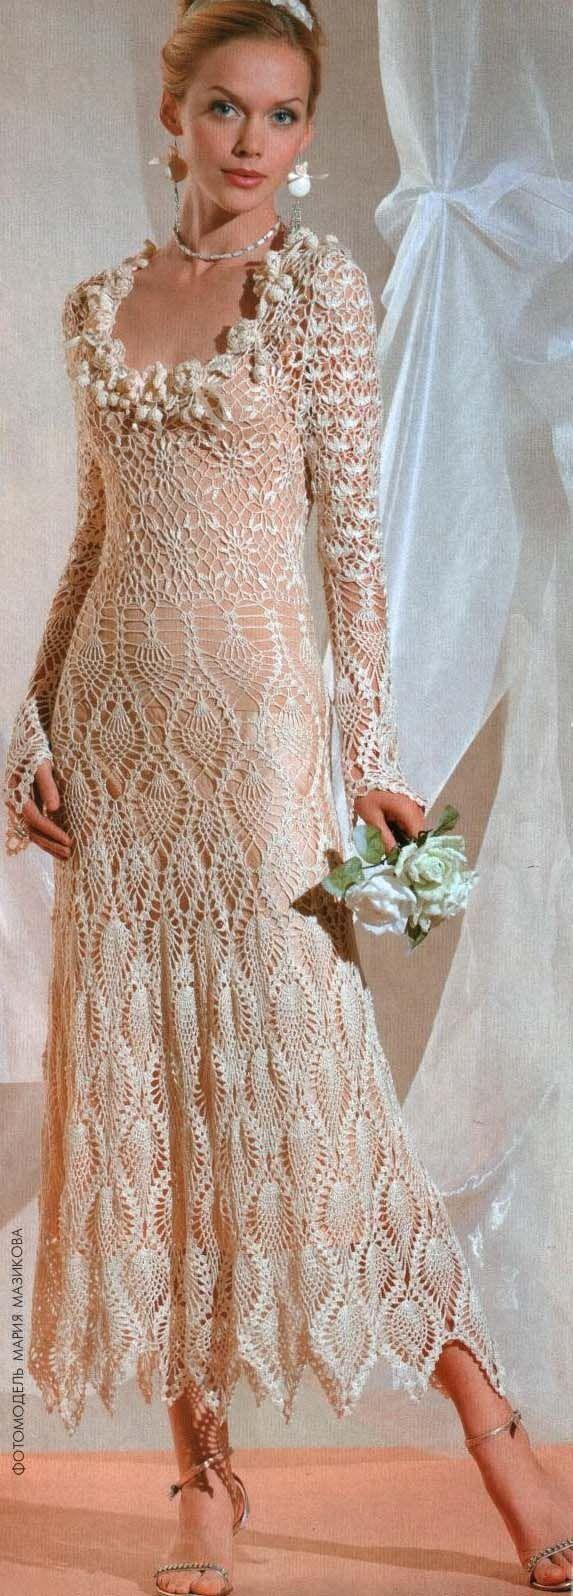 Ffeeefebebg wedding dresses